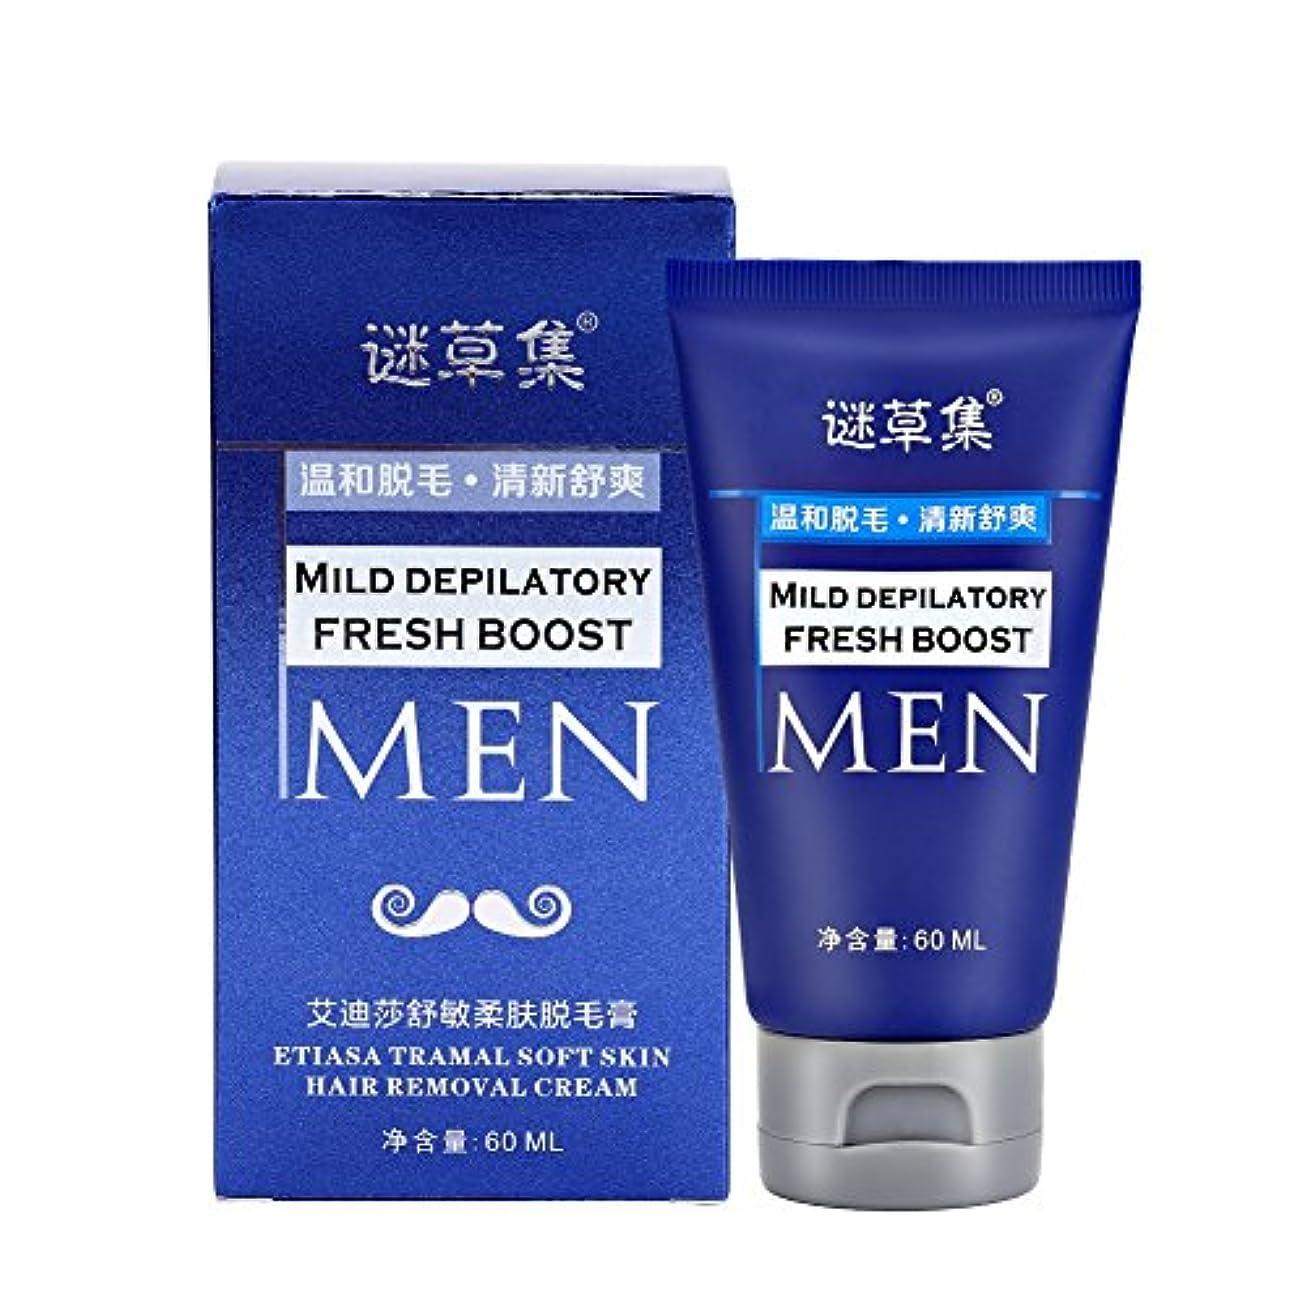 パラメータ除外するレシピ脱毛クリーム、60ML男性のボディ脱毛腕の脚の髪の痛みを除去する美容クリーム 脱毛クリーム